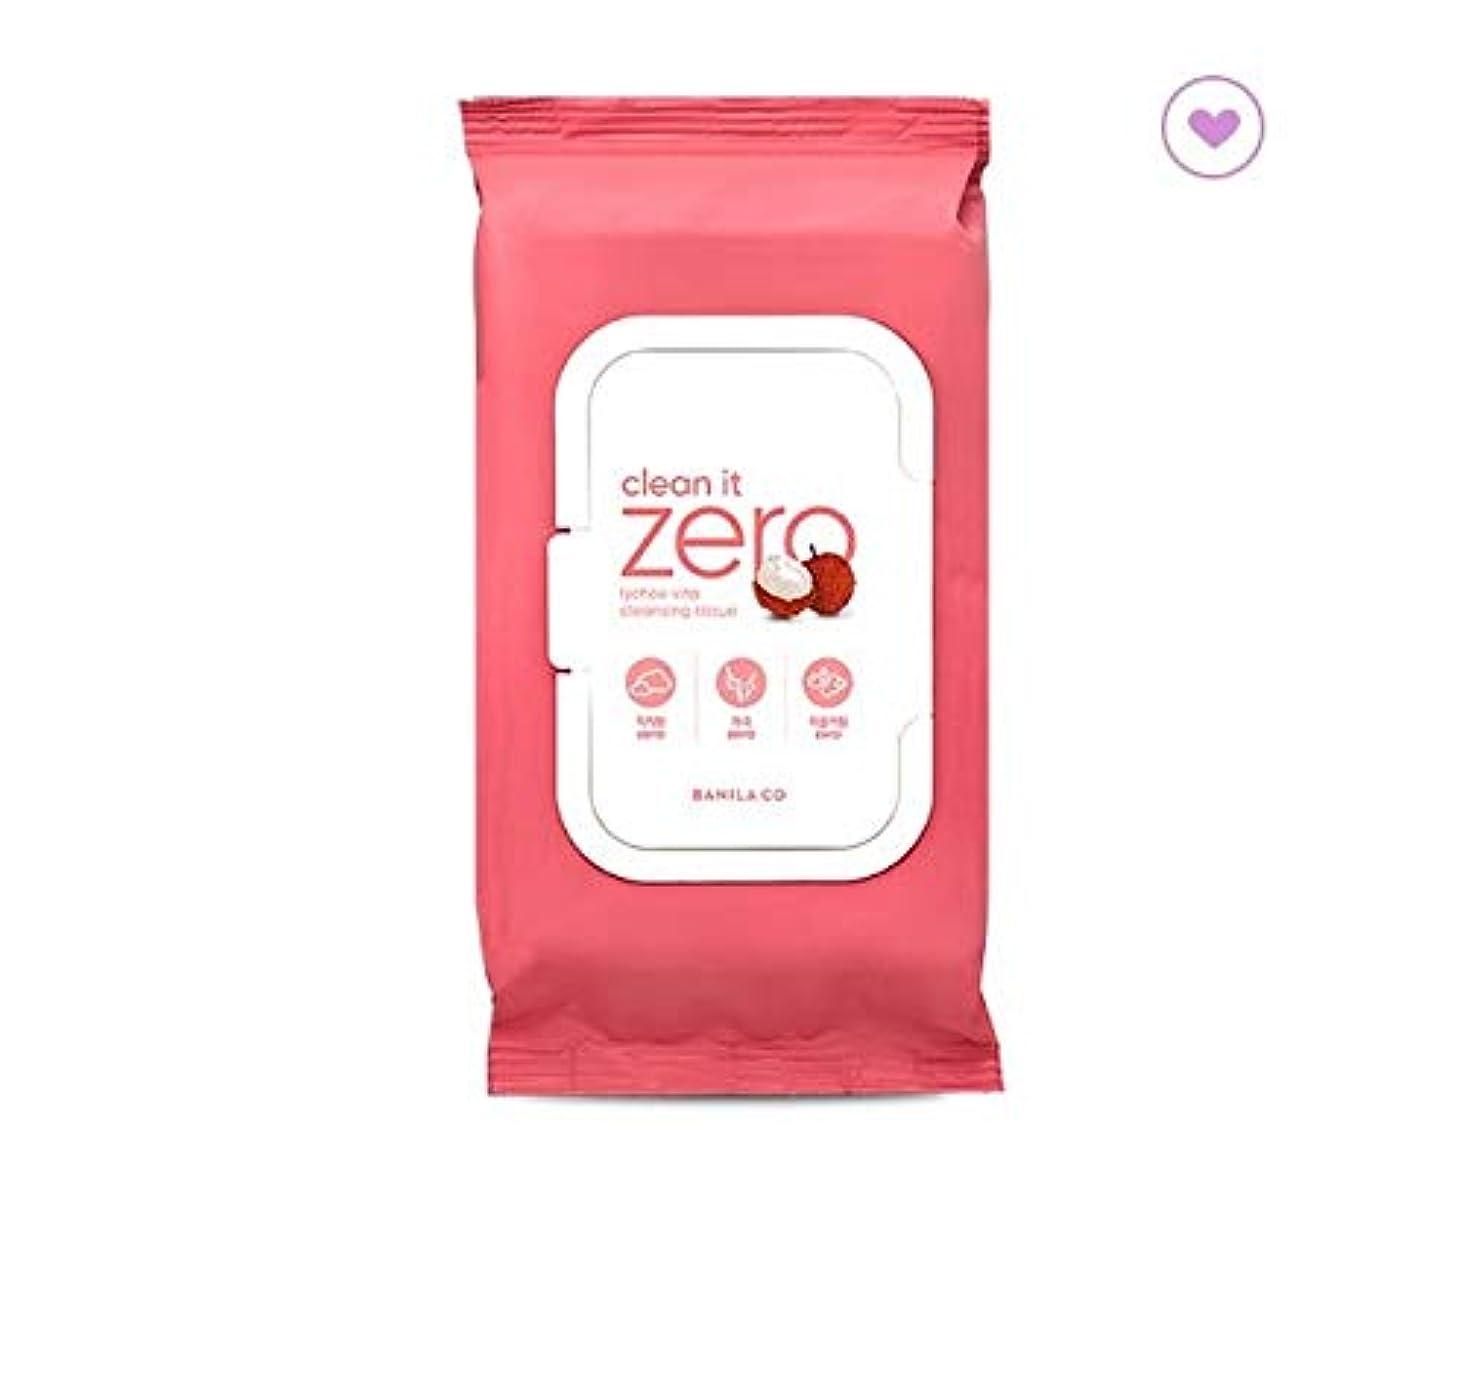 紀元前把握正規化banilaco クリーンイットゼロライチヴィータクレンジングティッシュ80枚 / Clean It Zero Lychee Vita Cleansing Tissue 80 sheets (430g) [並行輸入品]